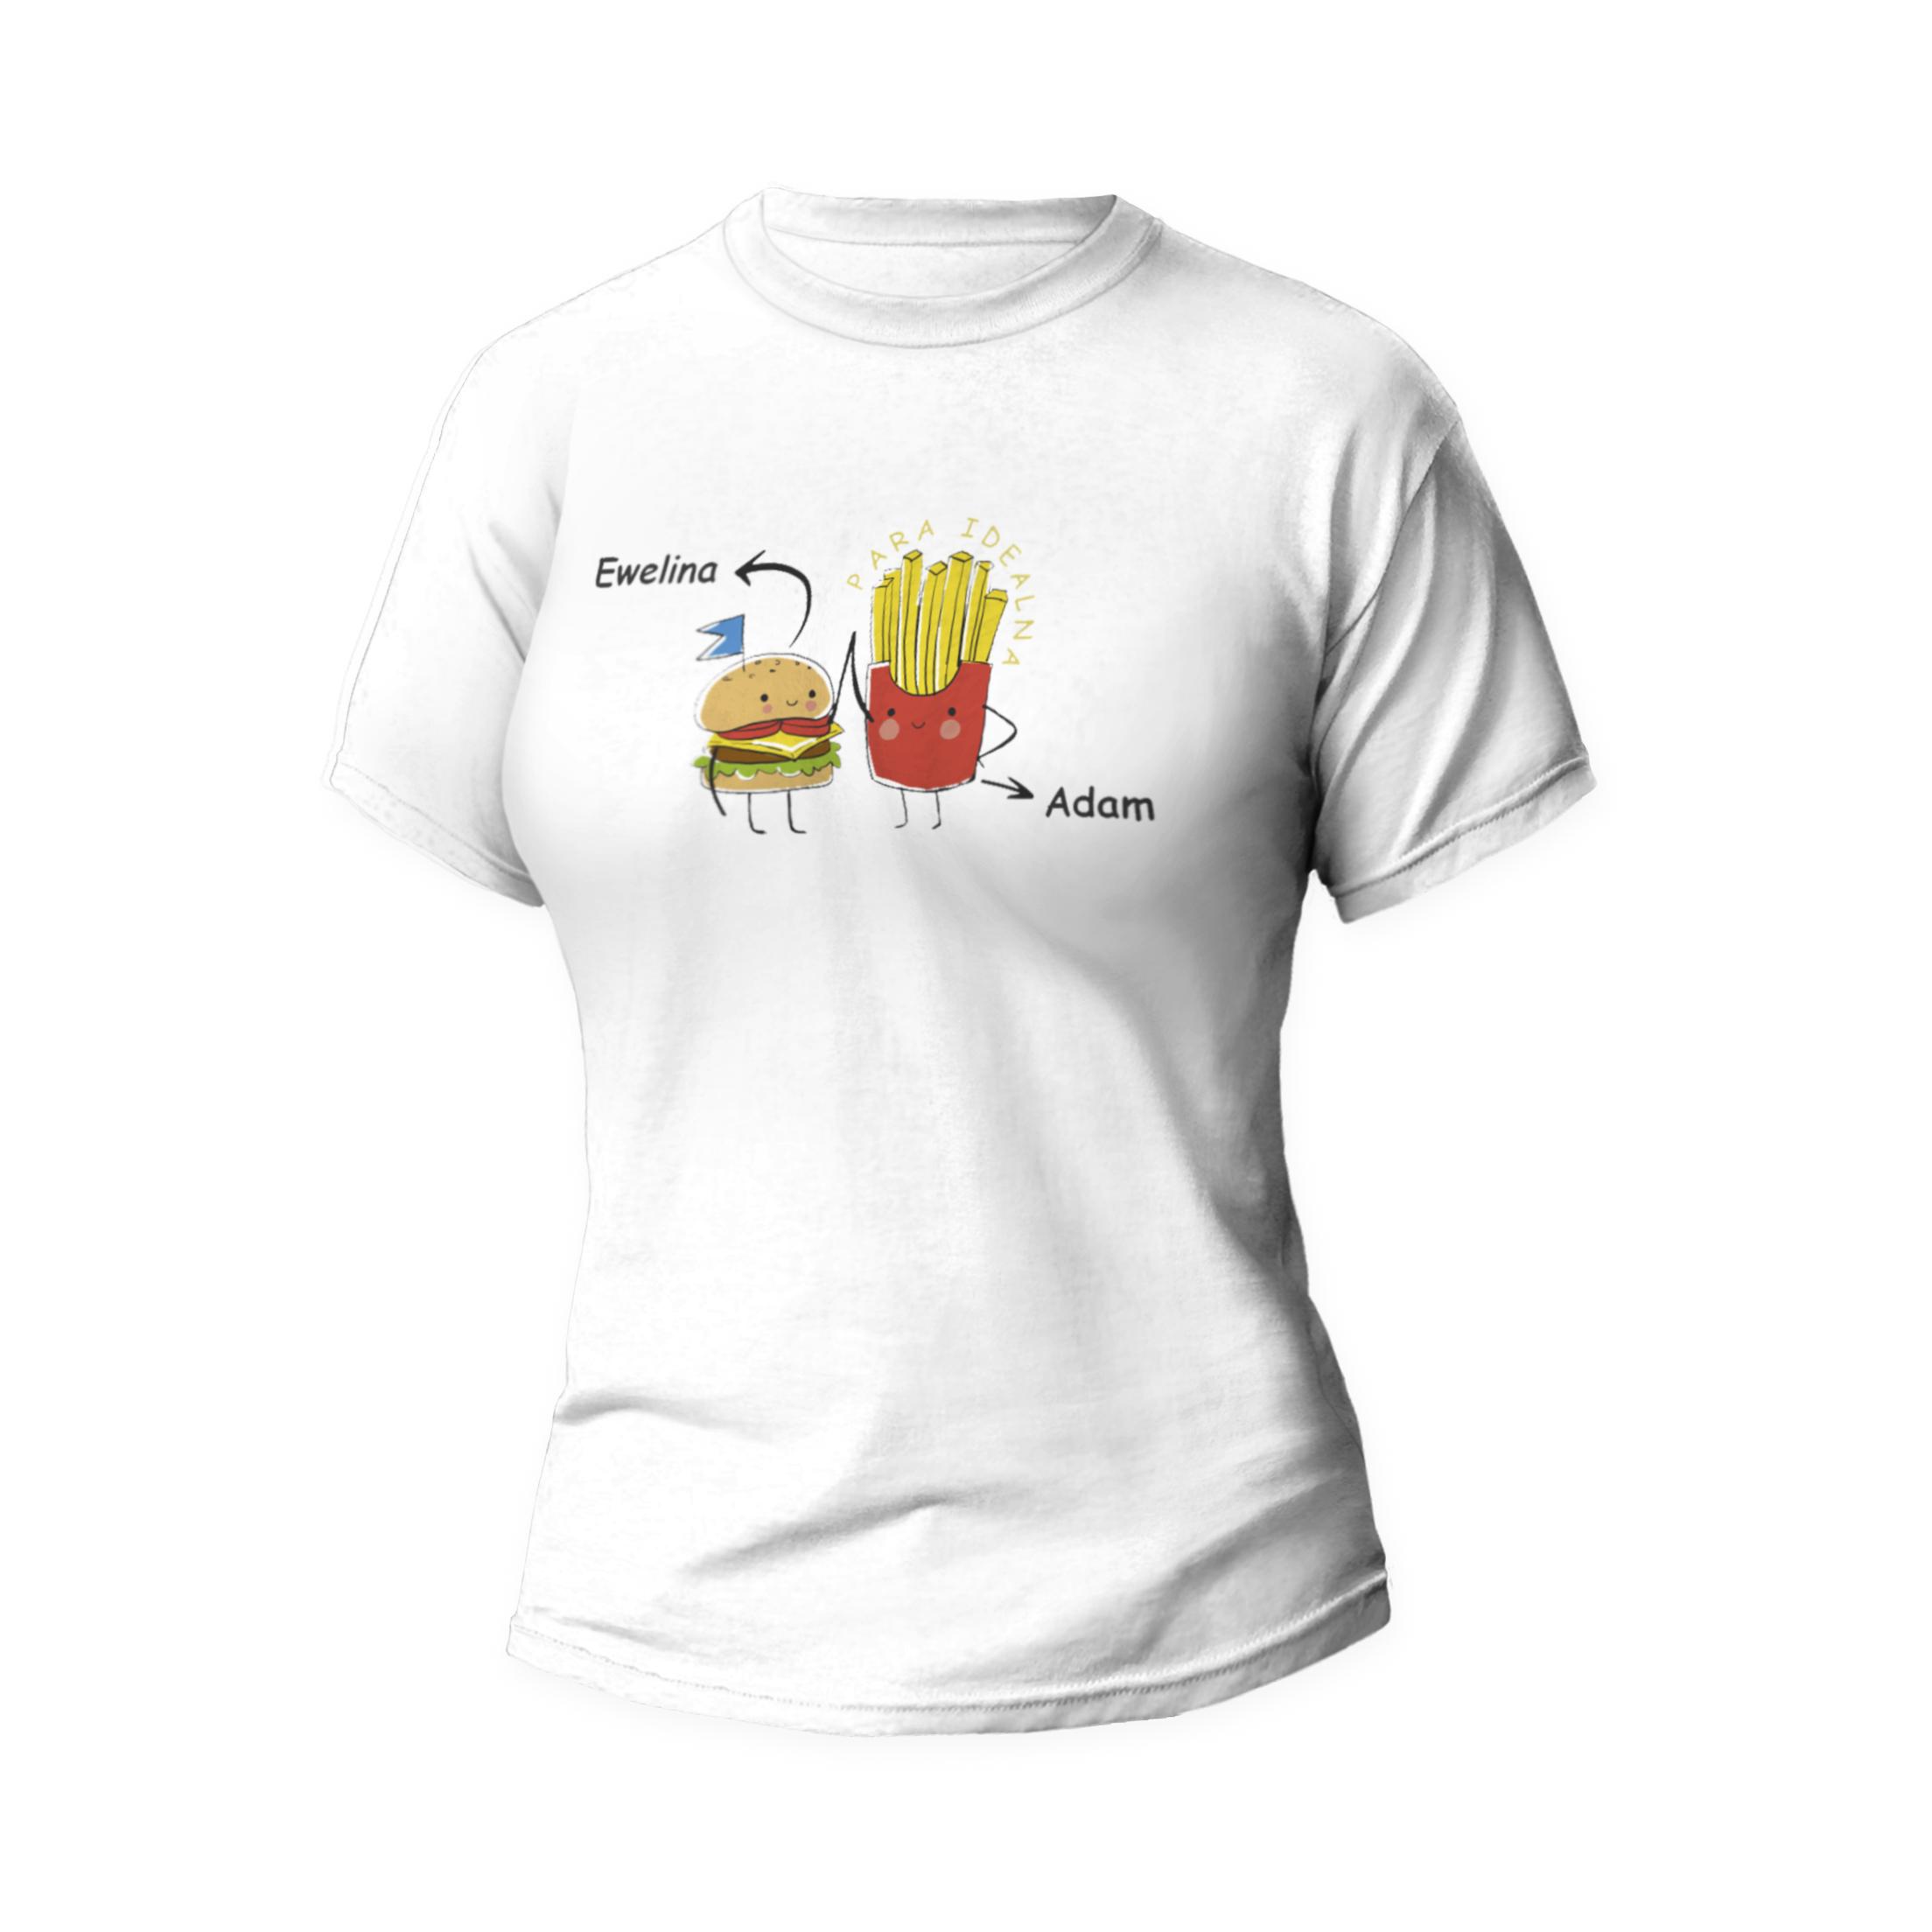 Rozmiar M - koszulka damska dla dziewczyny para idealna